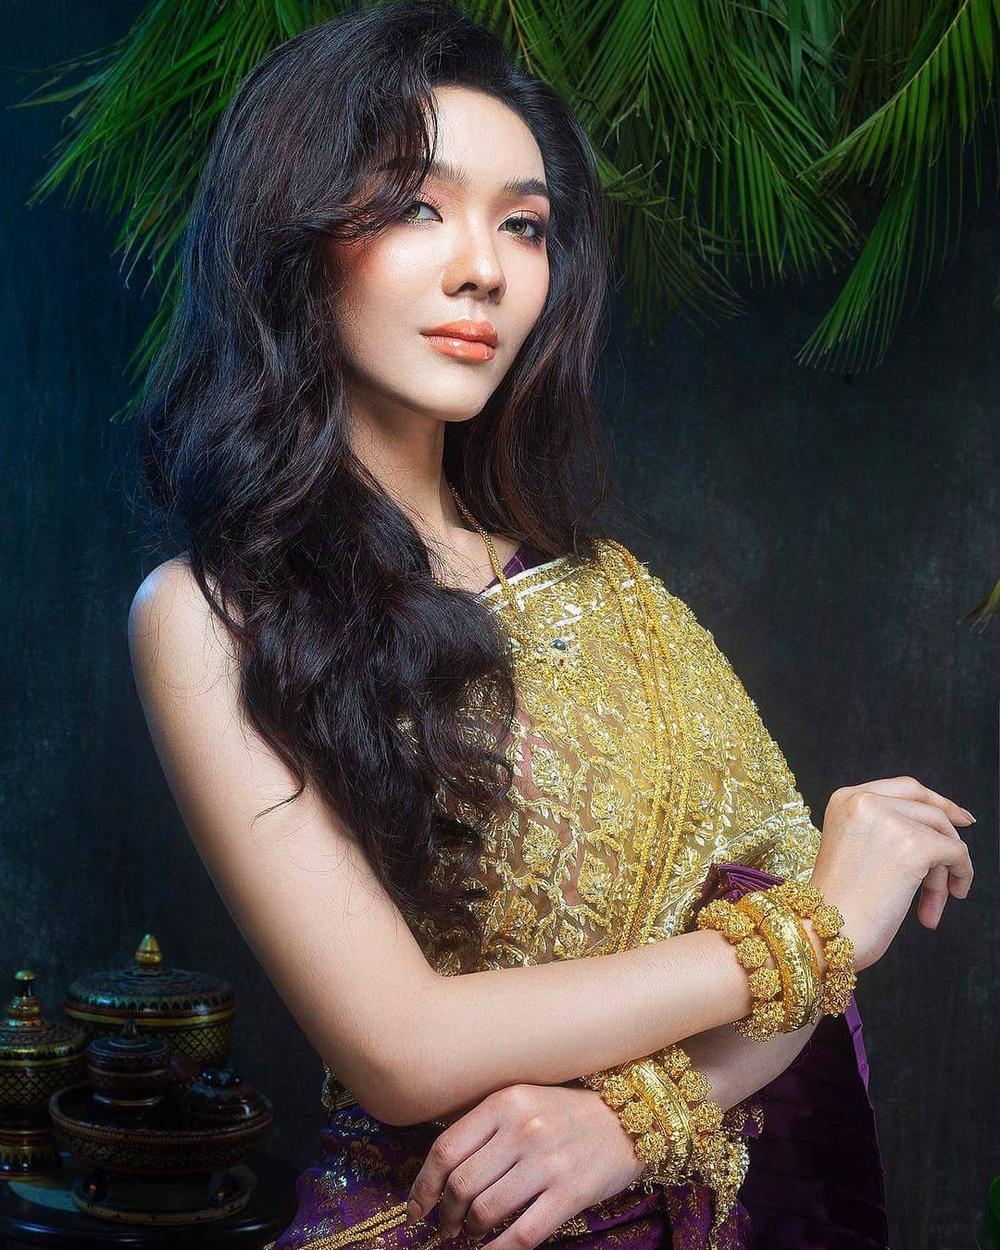 12 thí sinh đầu tiên dự thi Miss International Queen 2021: Trân Đài 'kèn cựa' mỹ nhân Thái Lan Ảnh 35